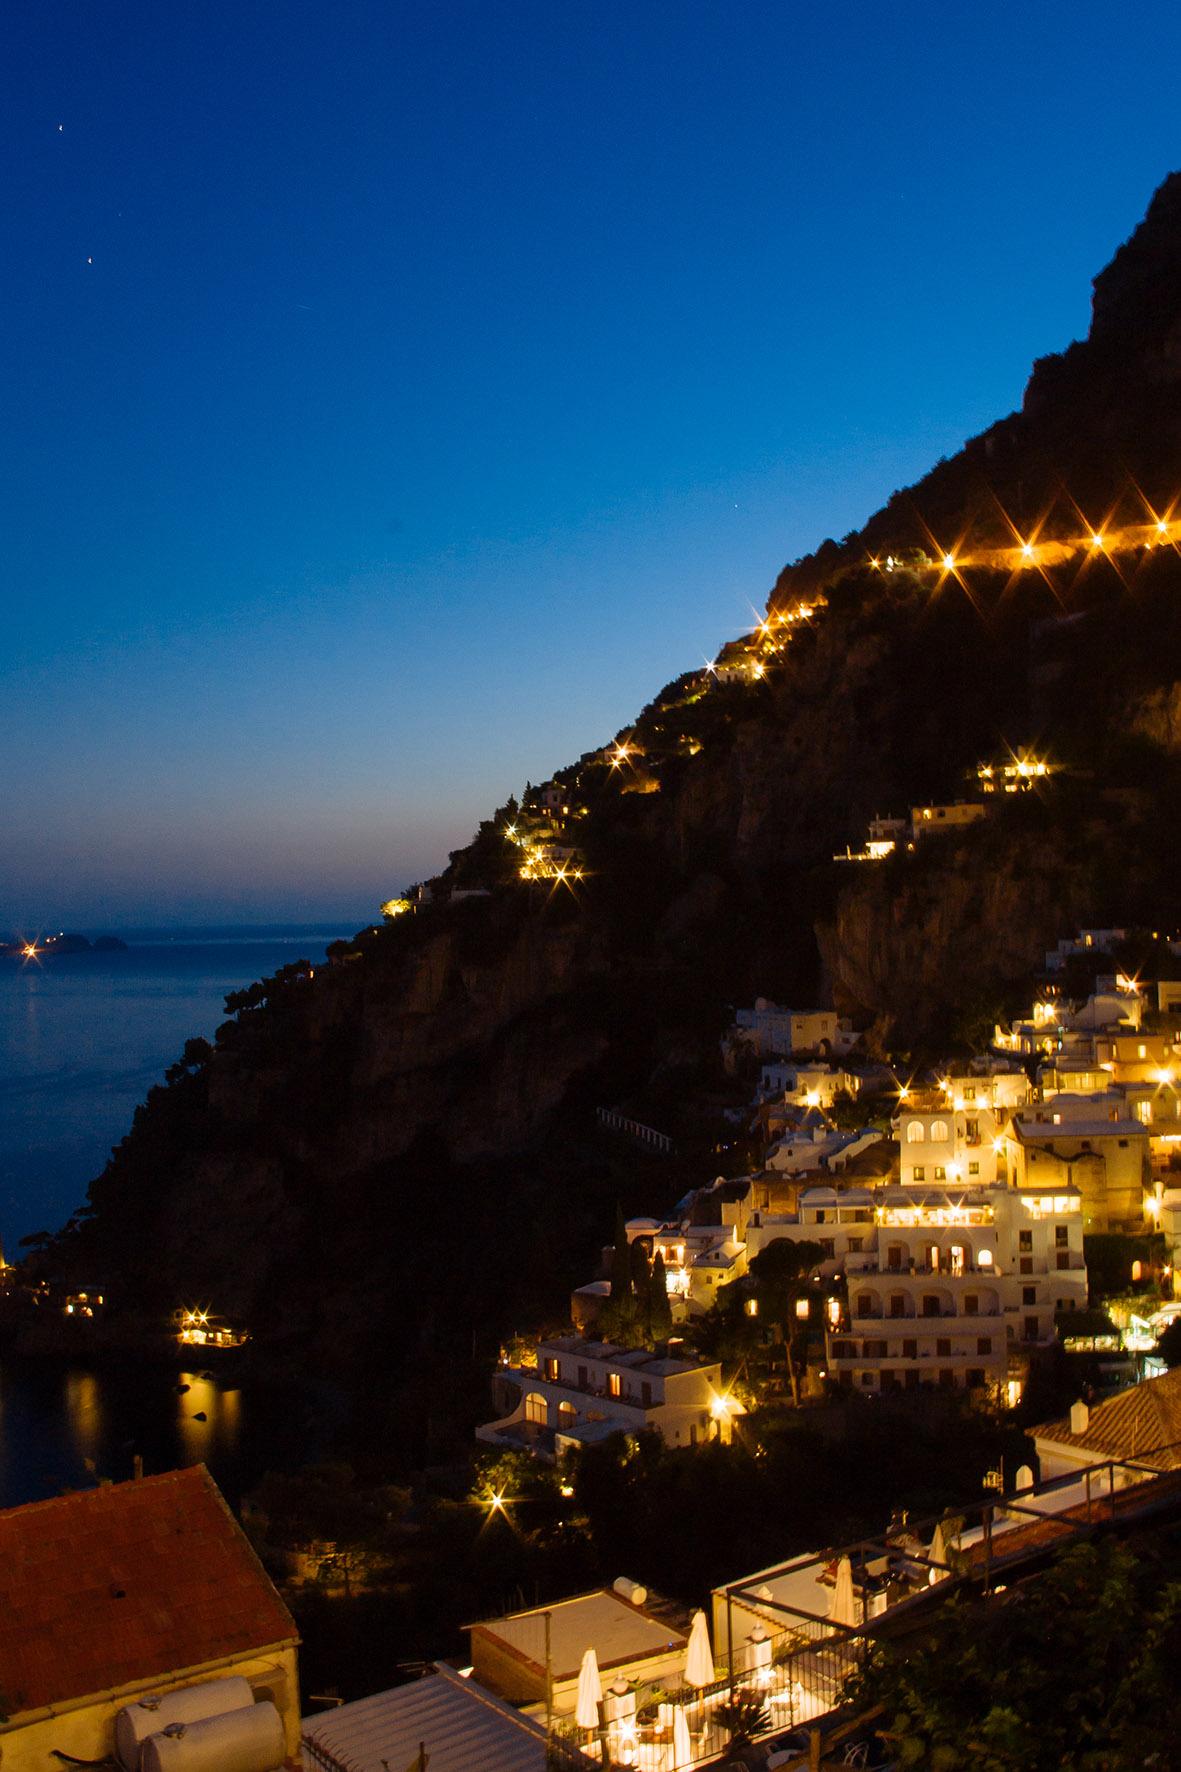 camilla-cheade-Italia3-209 foto noturna